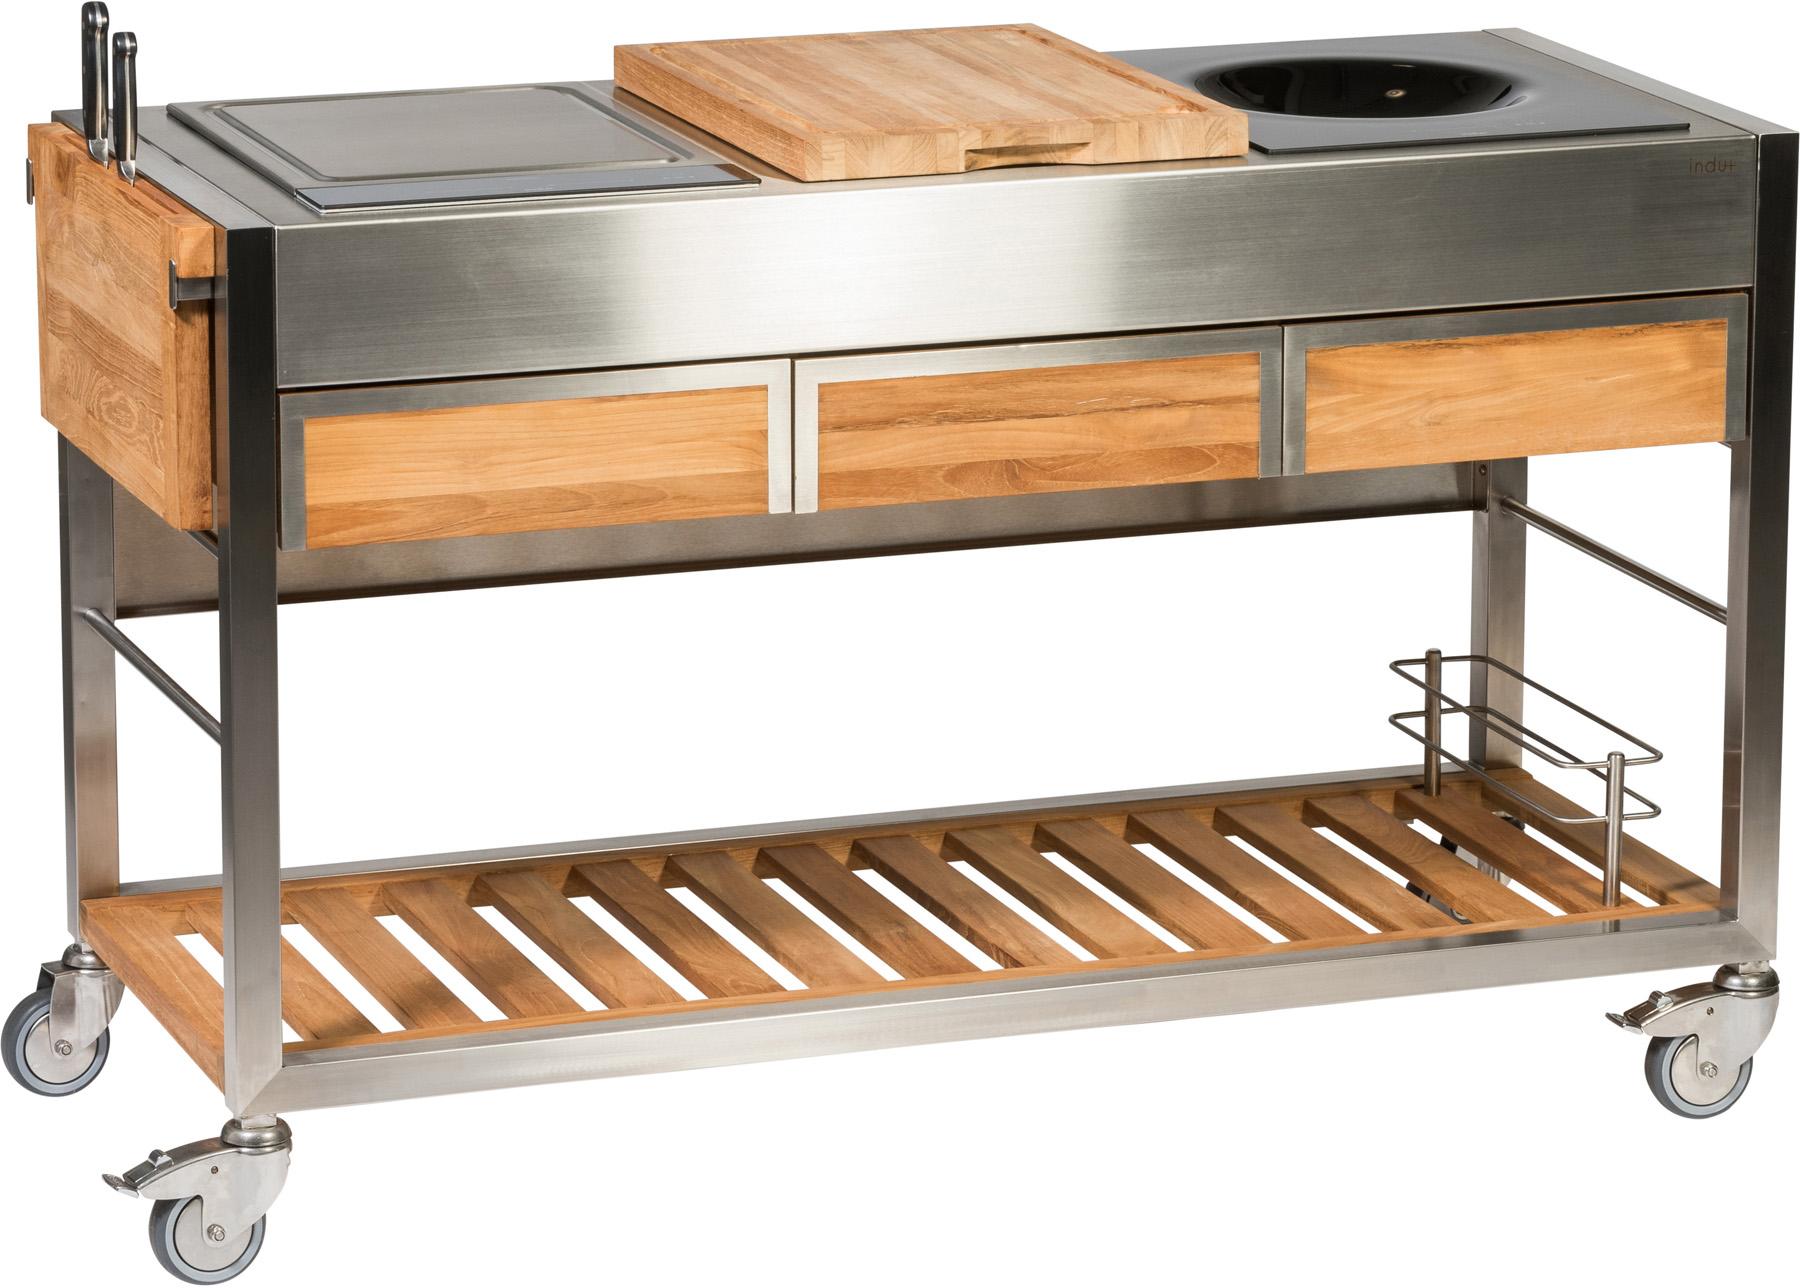 Outdoorküche Mit Gasgrill Reinigen : Outdoorküche tomboy ultimo outdoorküche grill bbq